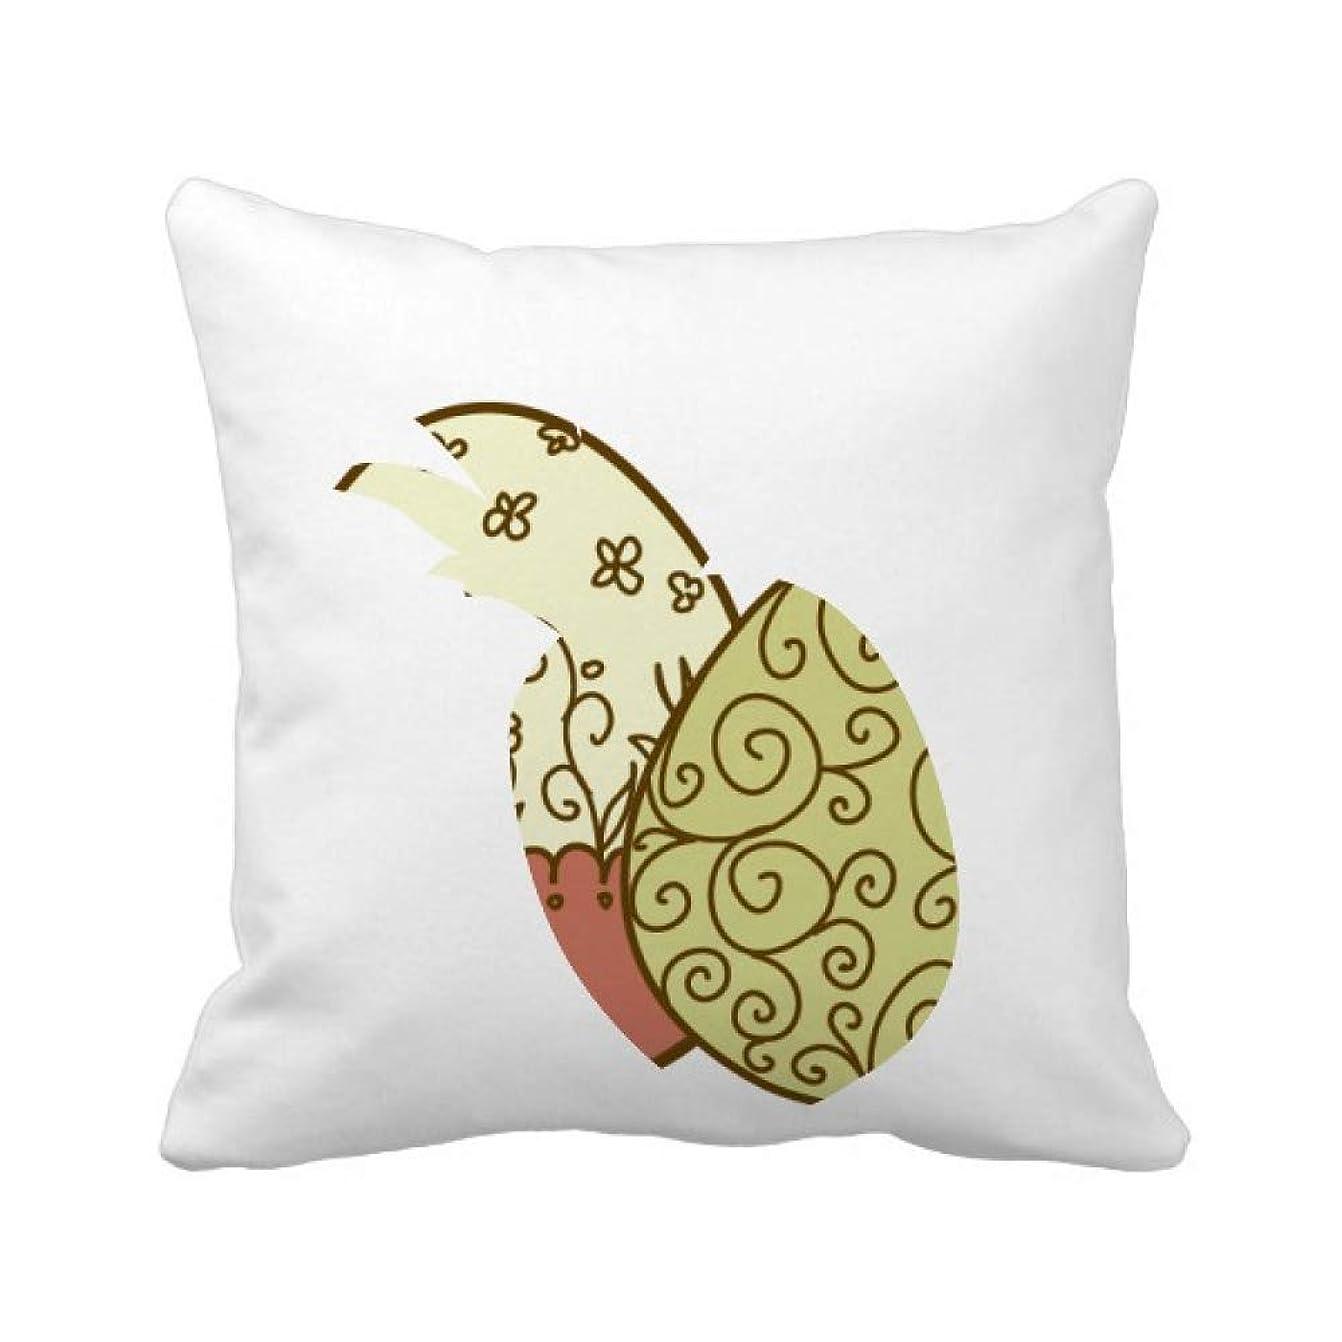 コンテスト許される連続したイースター祭の花の卵 パイナップル枕カバー正方形を投げる 50cm x 50cm